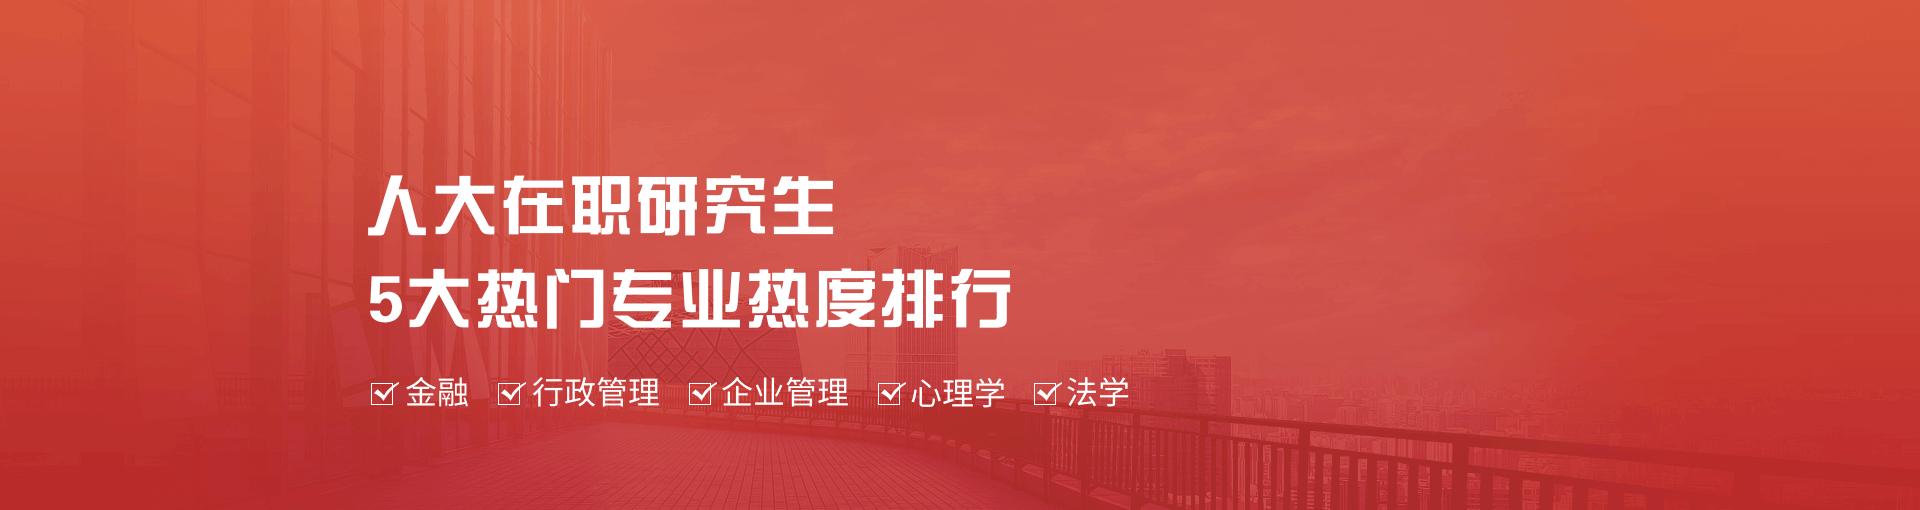 2019年中国人民大学在职研究生5大热门专业热度排行